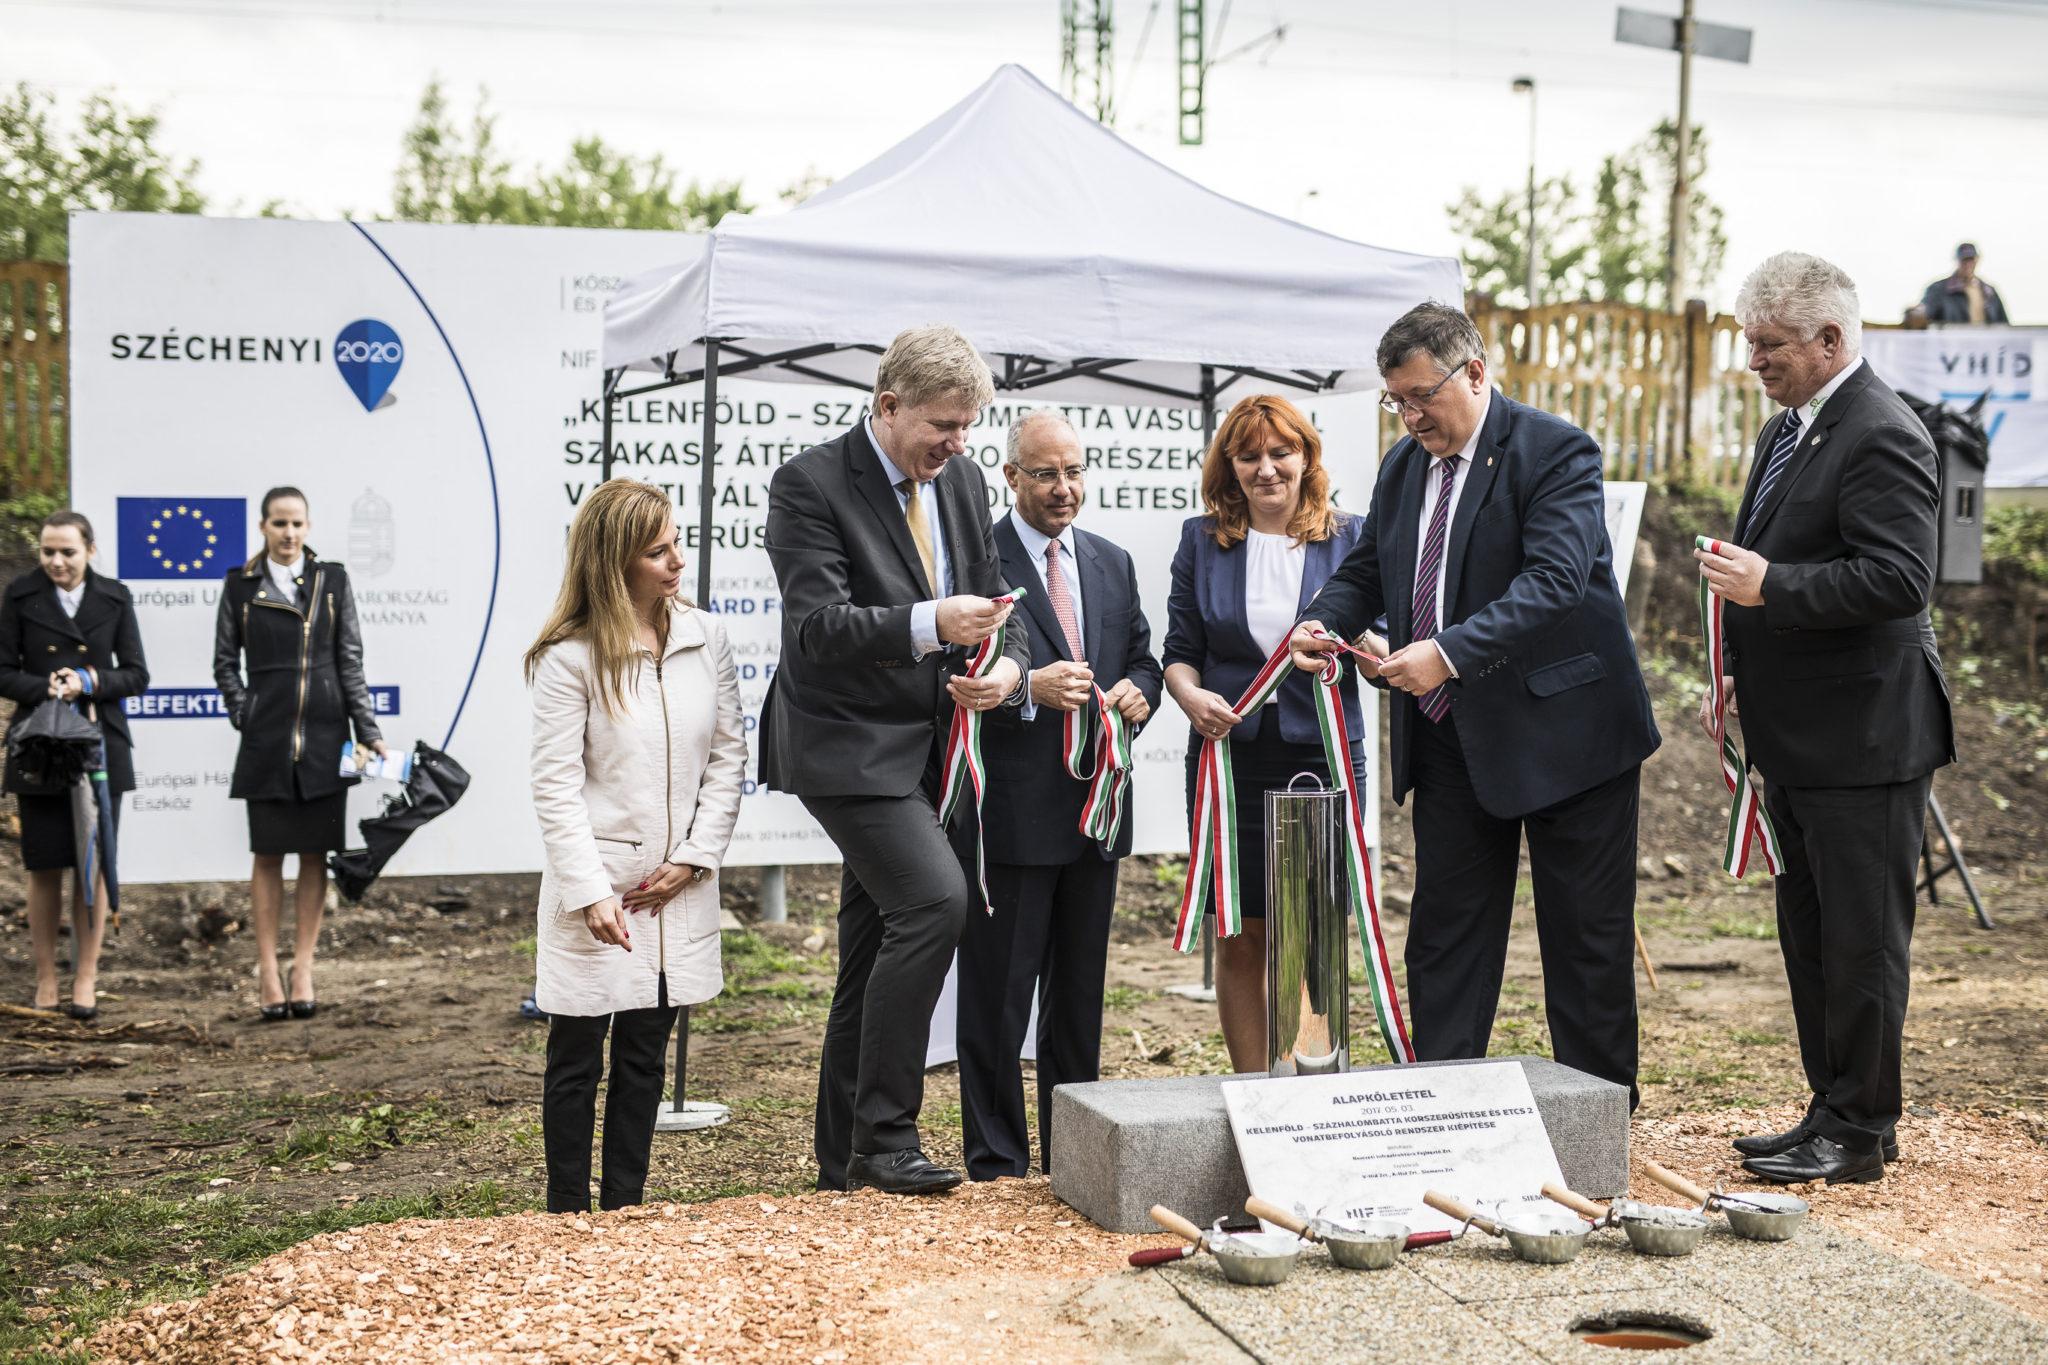 Megkezdődött a Kelenföld-Százhalombatta vasútvonal korszerűsítése